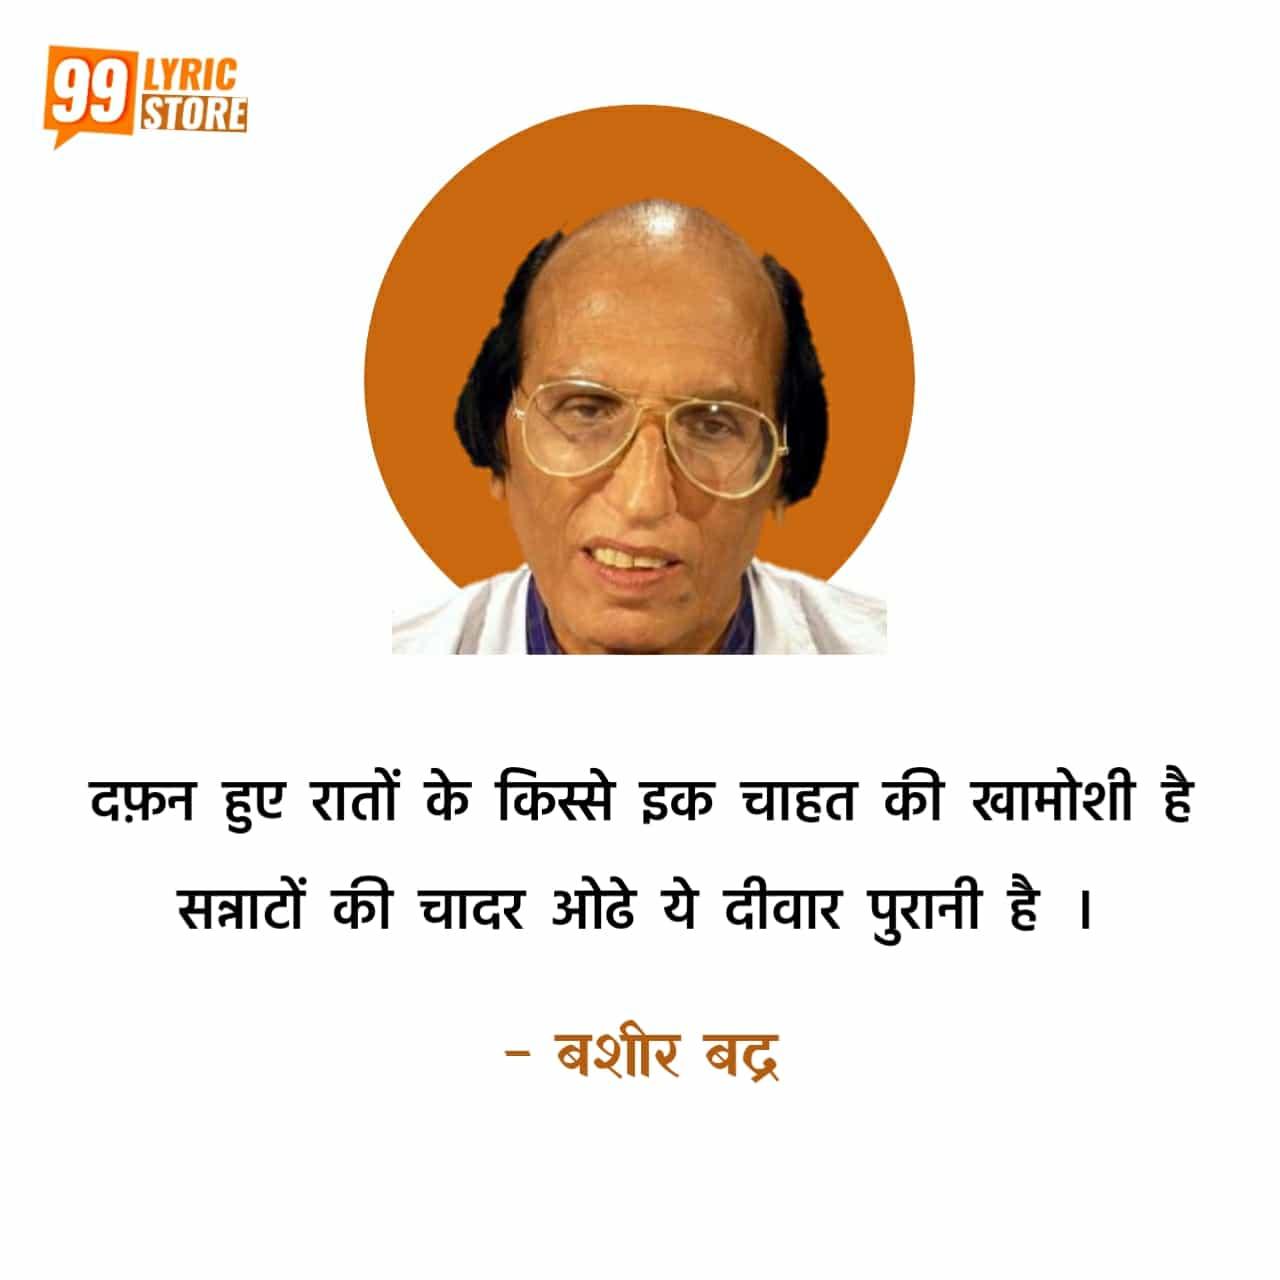 Sab Kuch Khaak Hua Hai Lekin Chehara Kya Noorani Hai Shayari has written by Bashir Badr.